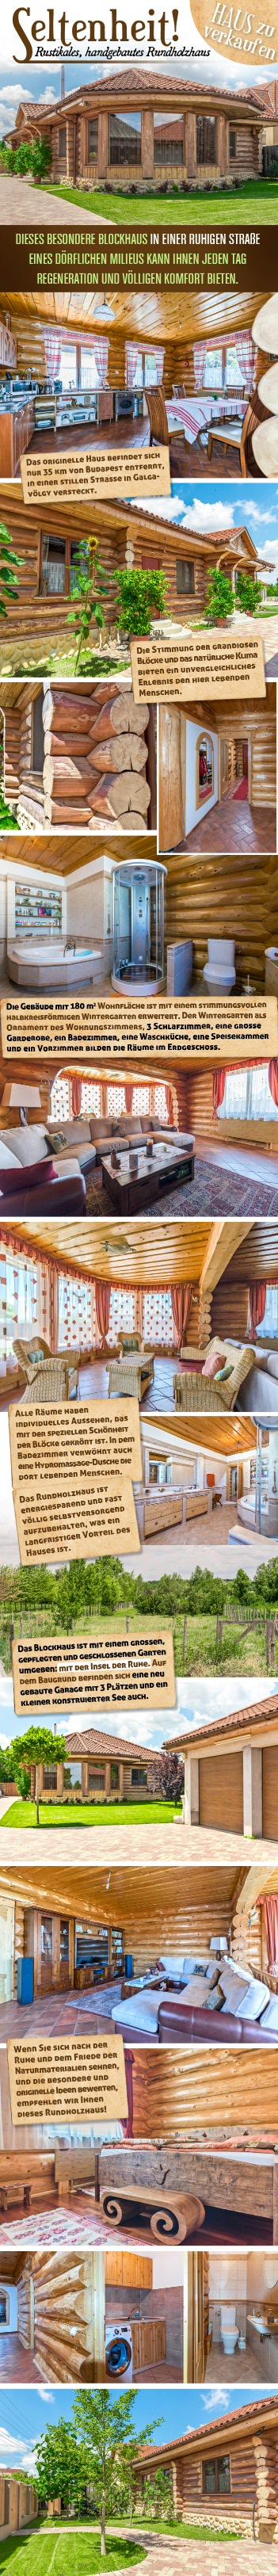 Blockhaus in Ungarn zu verkaufen: